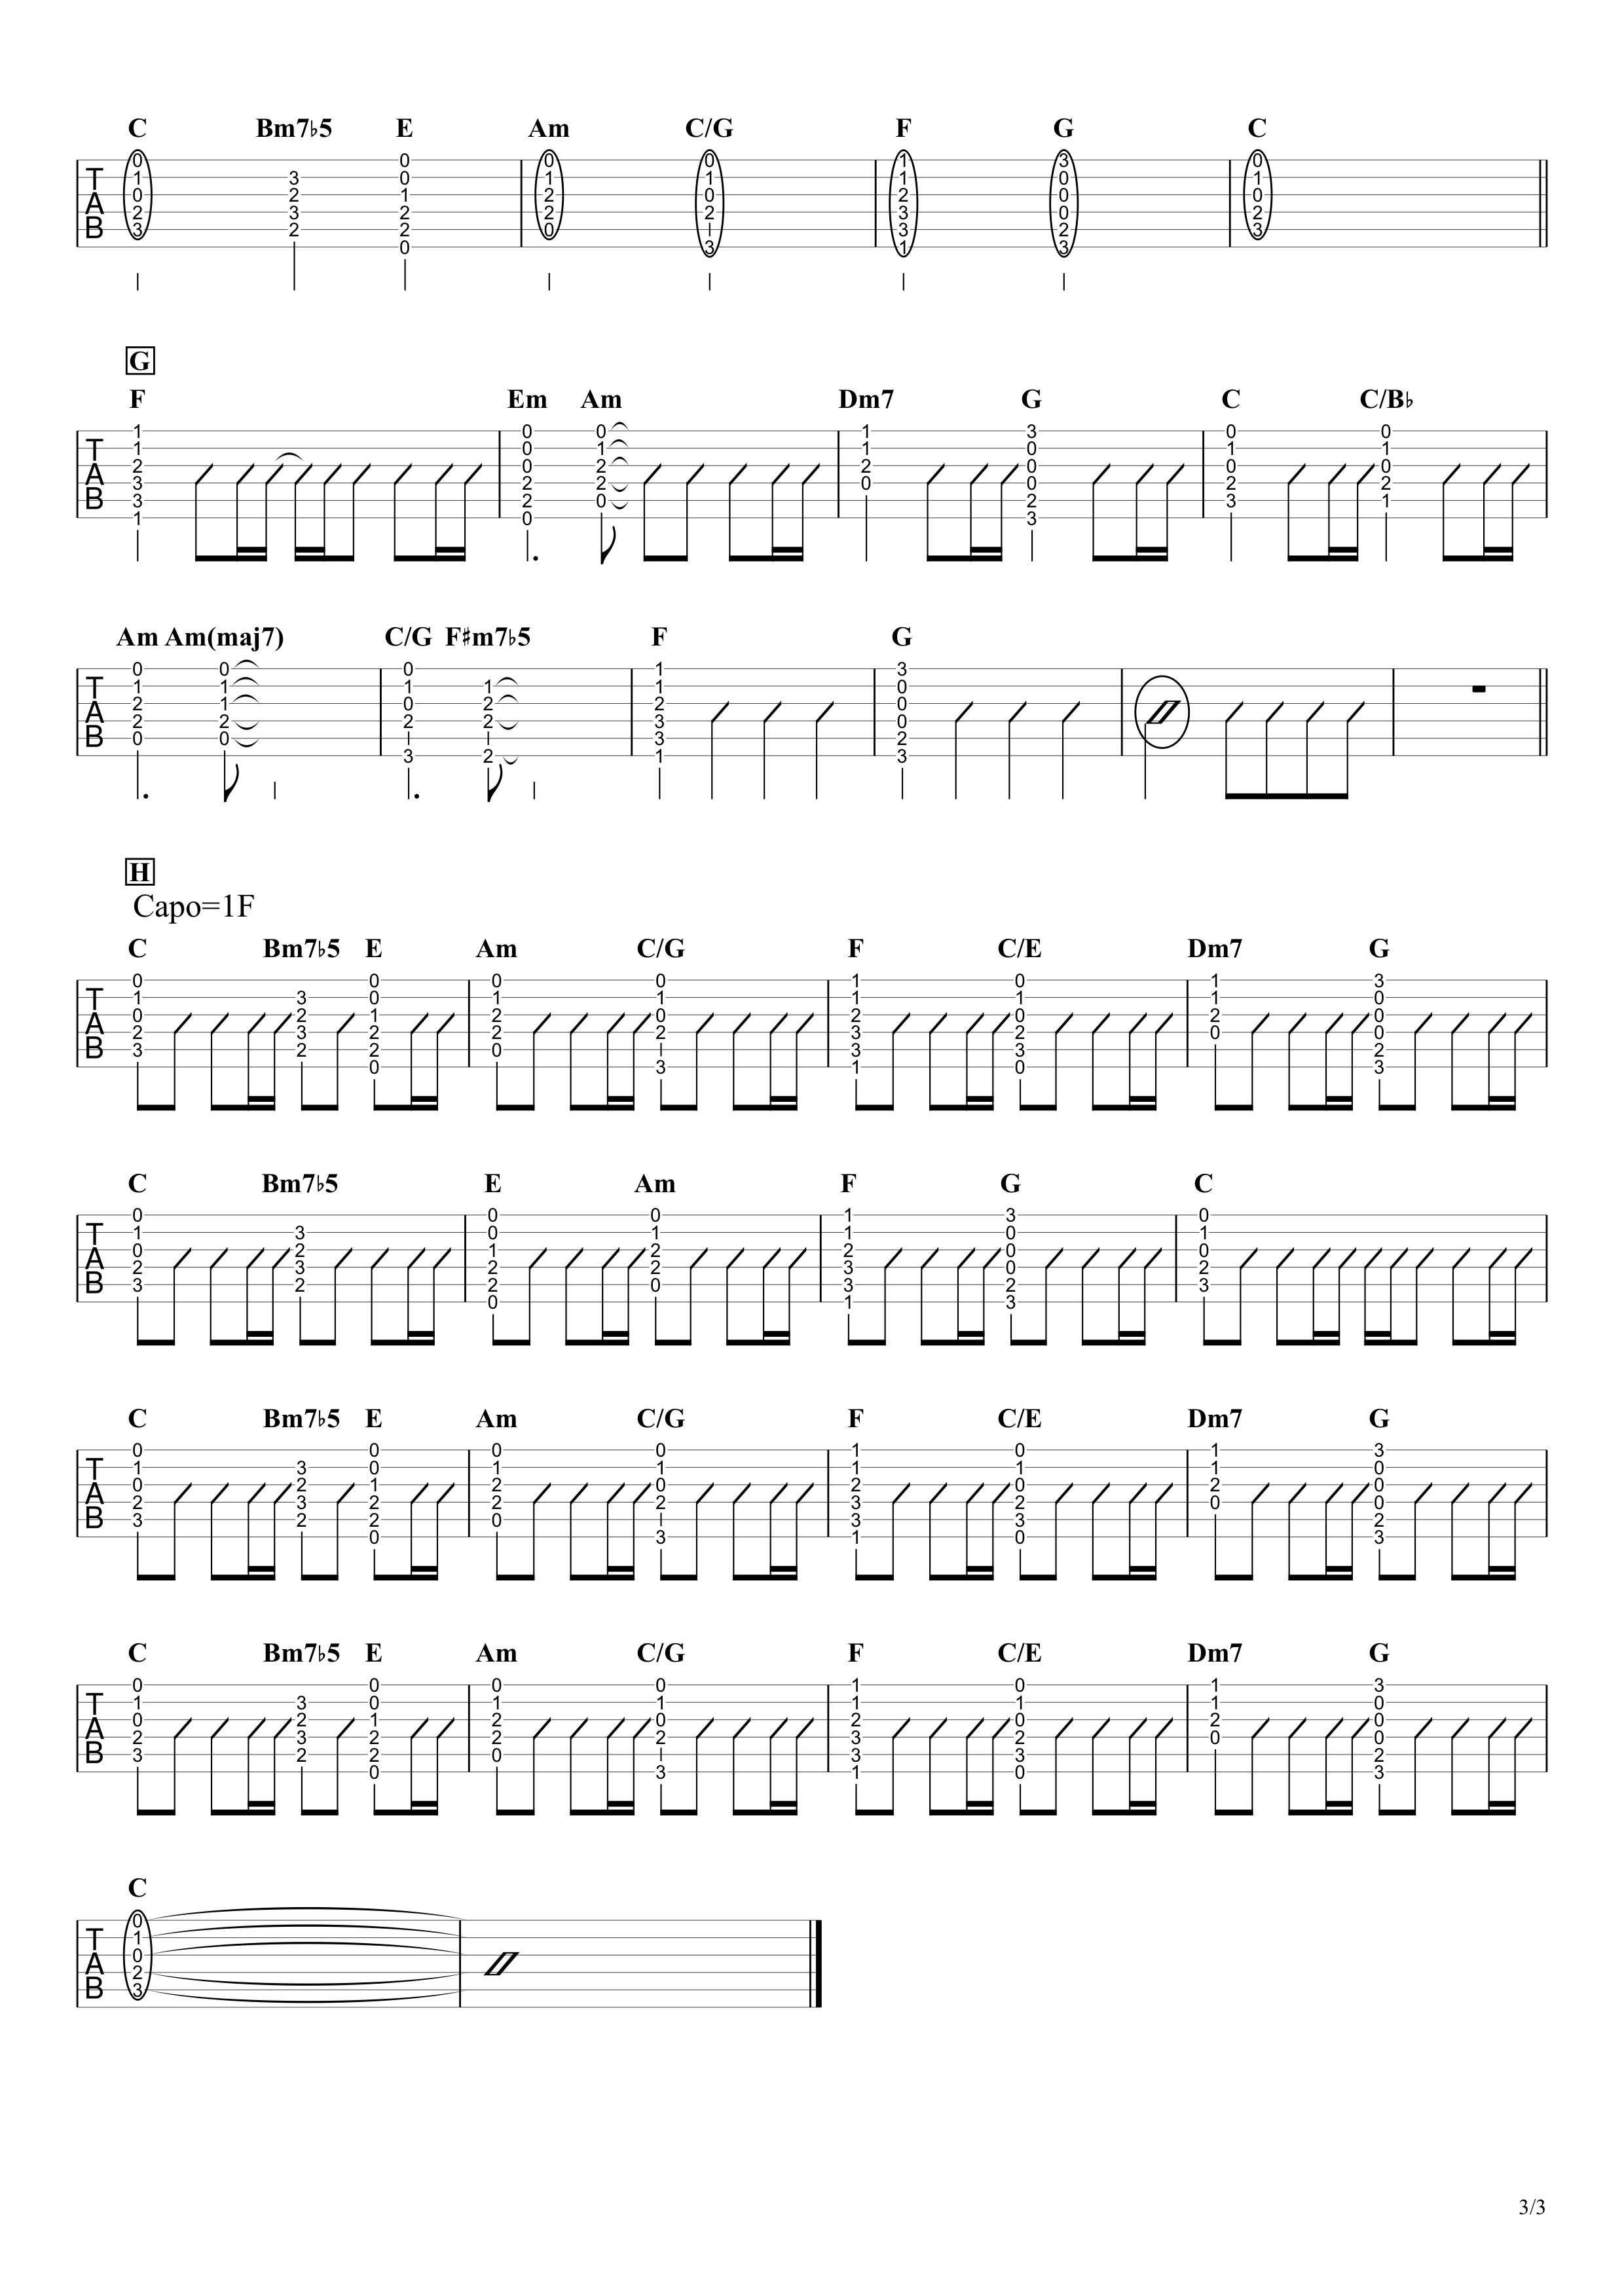 ライオン/ベリーグッドマン ギタータブ譜 アコギで弾くコードストロークアレンジVer.03